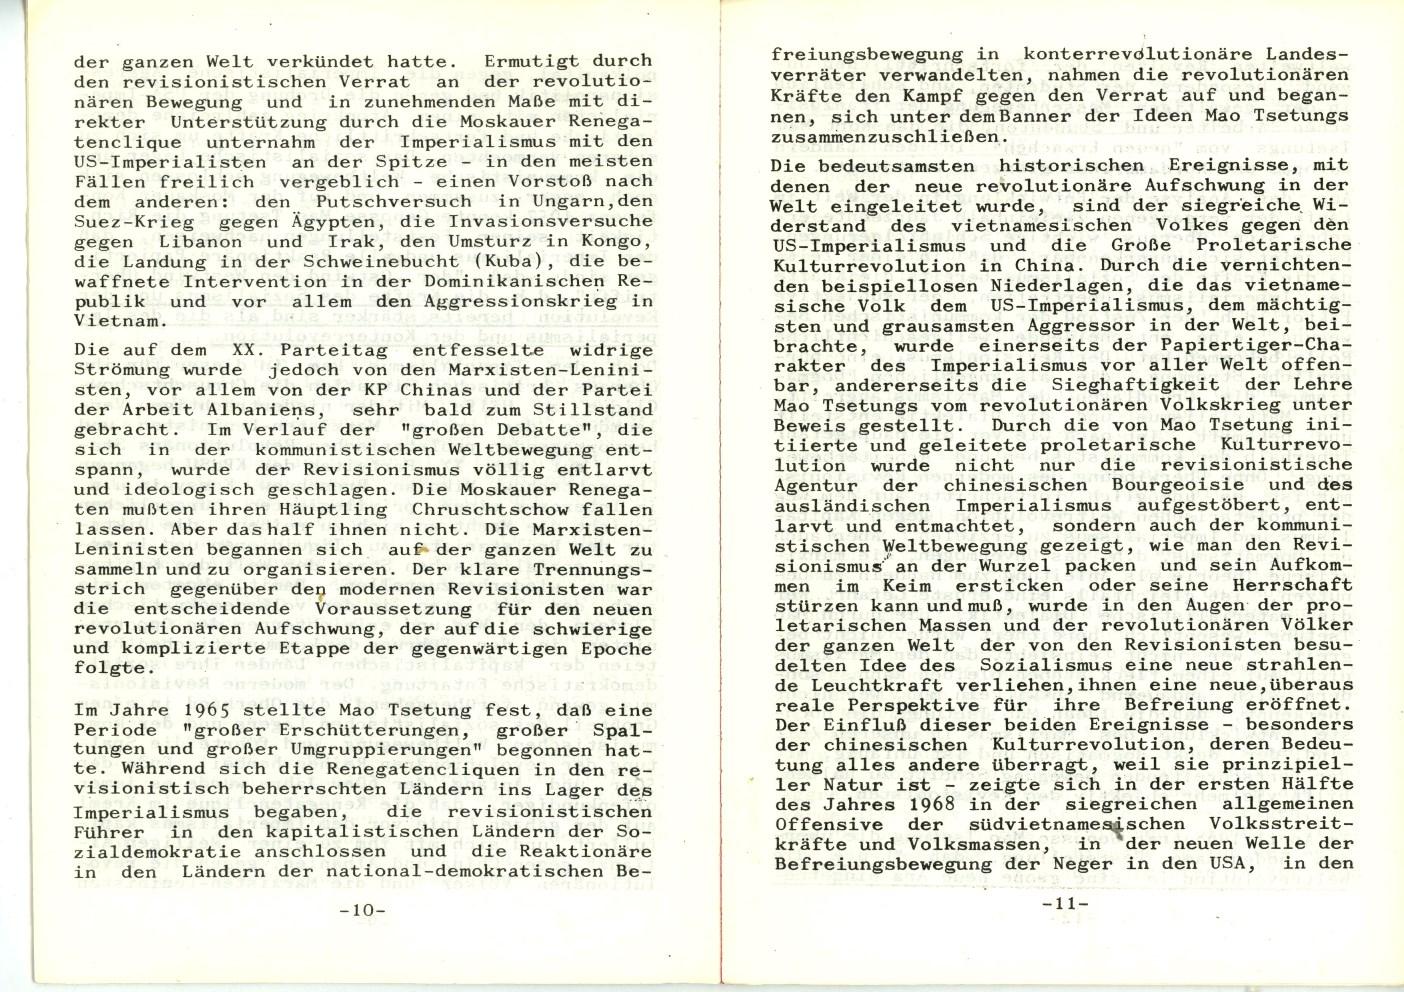 VRA_Grundsatzerklaerung_1971_07